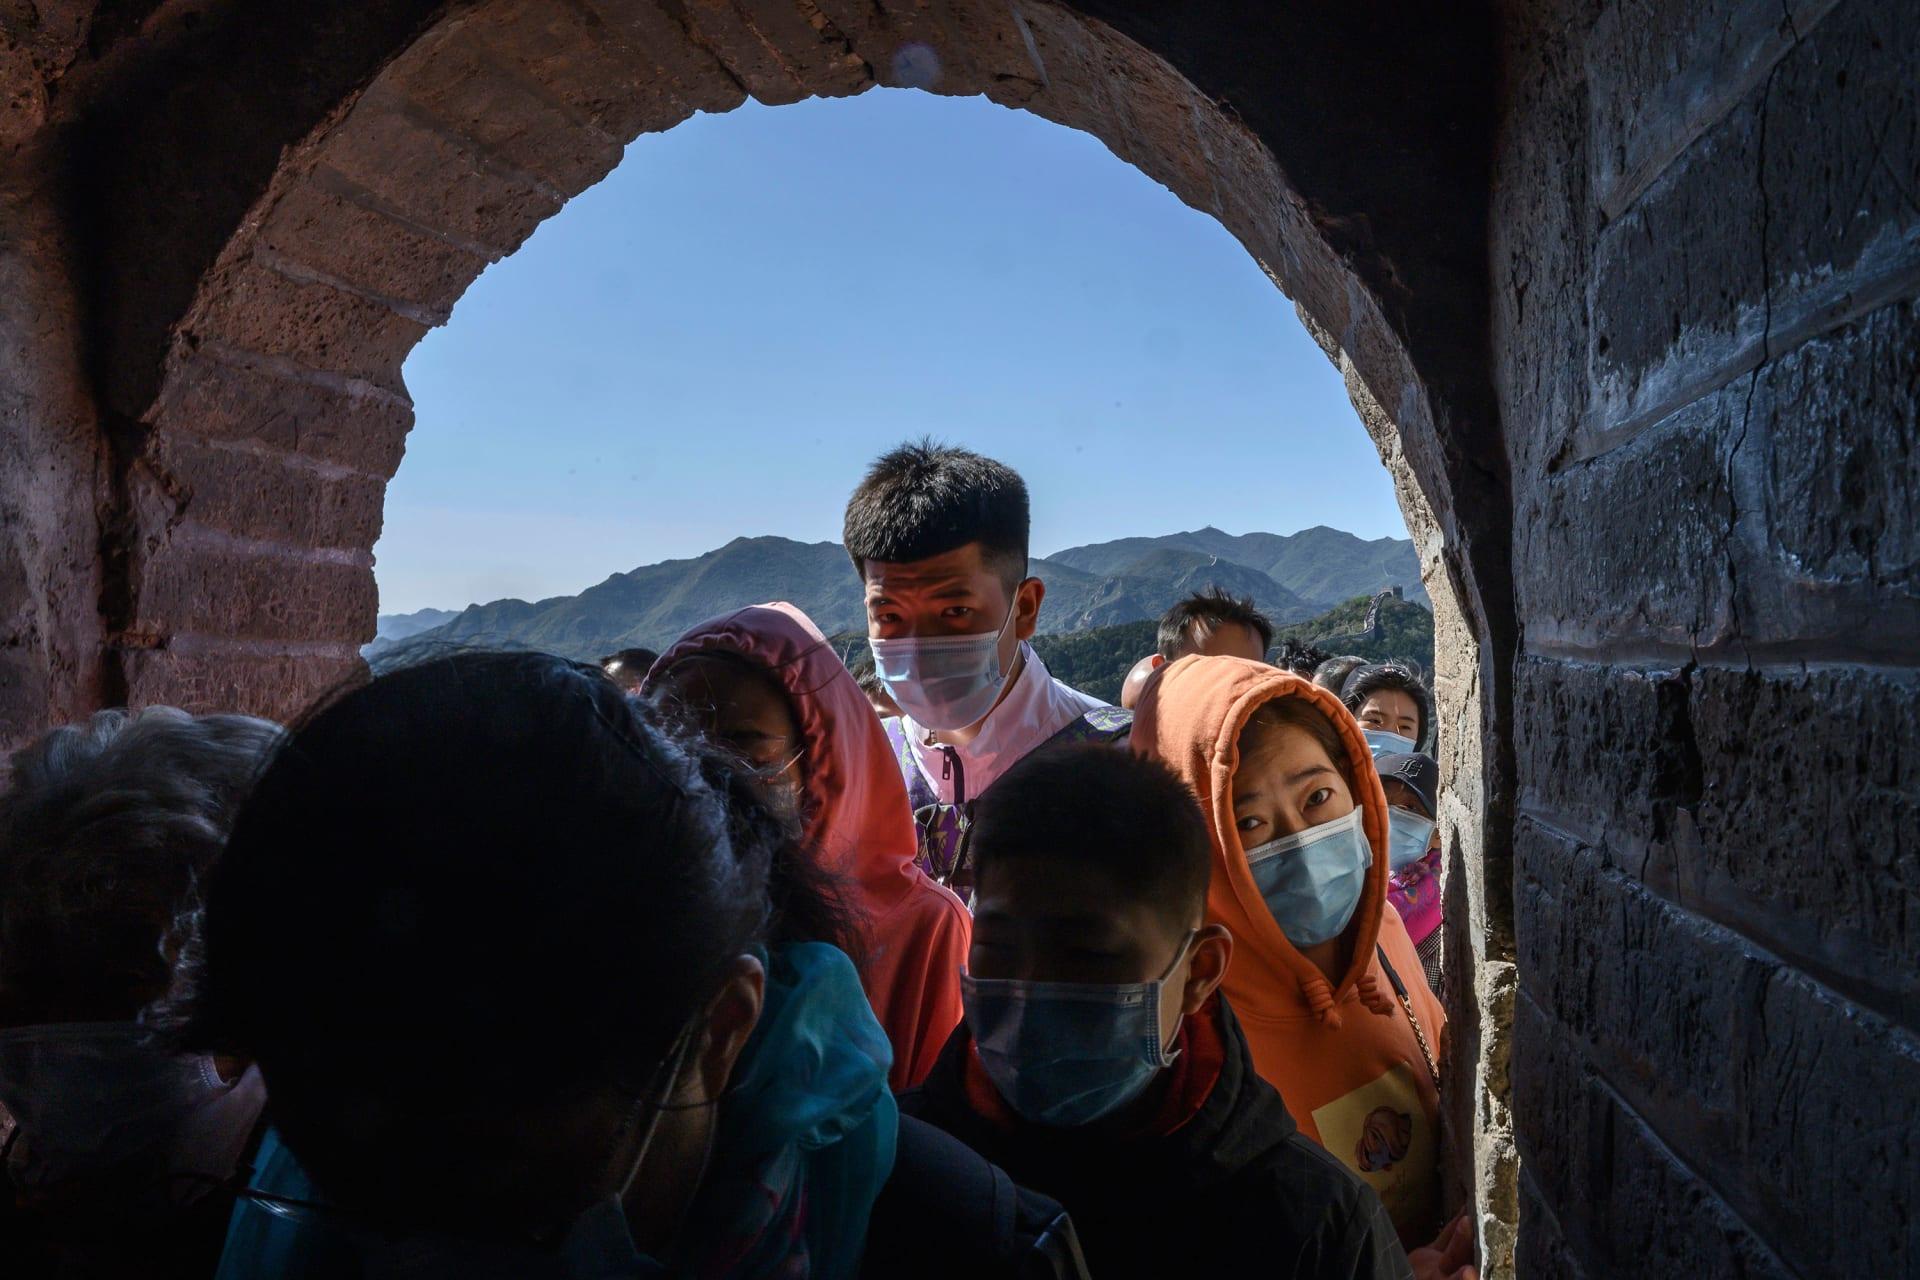 """حشود السياح تجتاح سور الصين العظيم وسط عطلة """"الأسبوع الذهبي"""".. ماذا عن كورونا؟"""